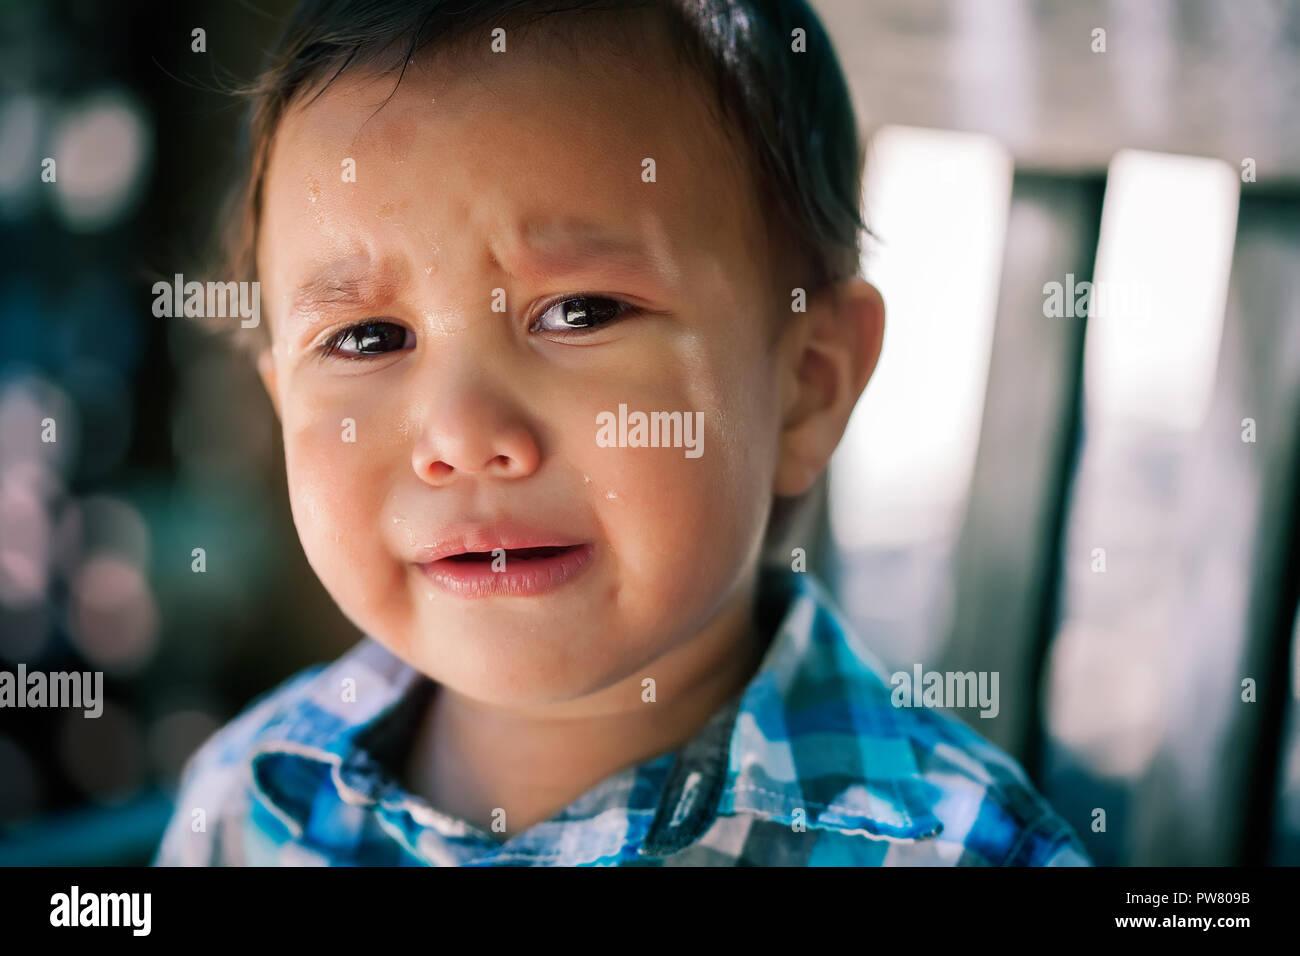 El joven latino hijo, edad niño llorando con lágrimas en los ojos mirando lost o preocupado con mirando amenazante, expresando falta de antecedentes o lastimar a los niños Imagen De Stock